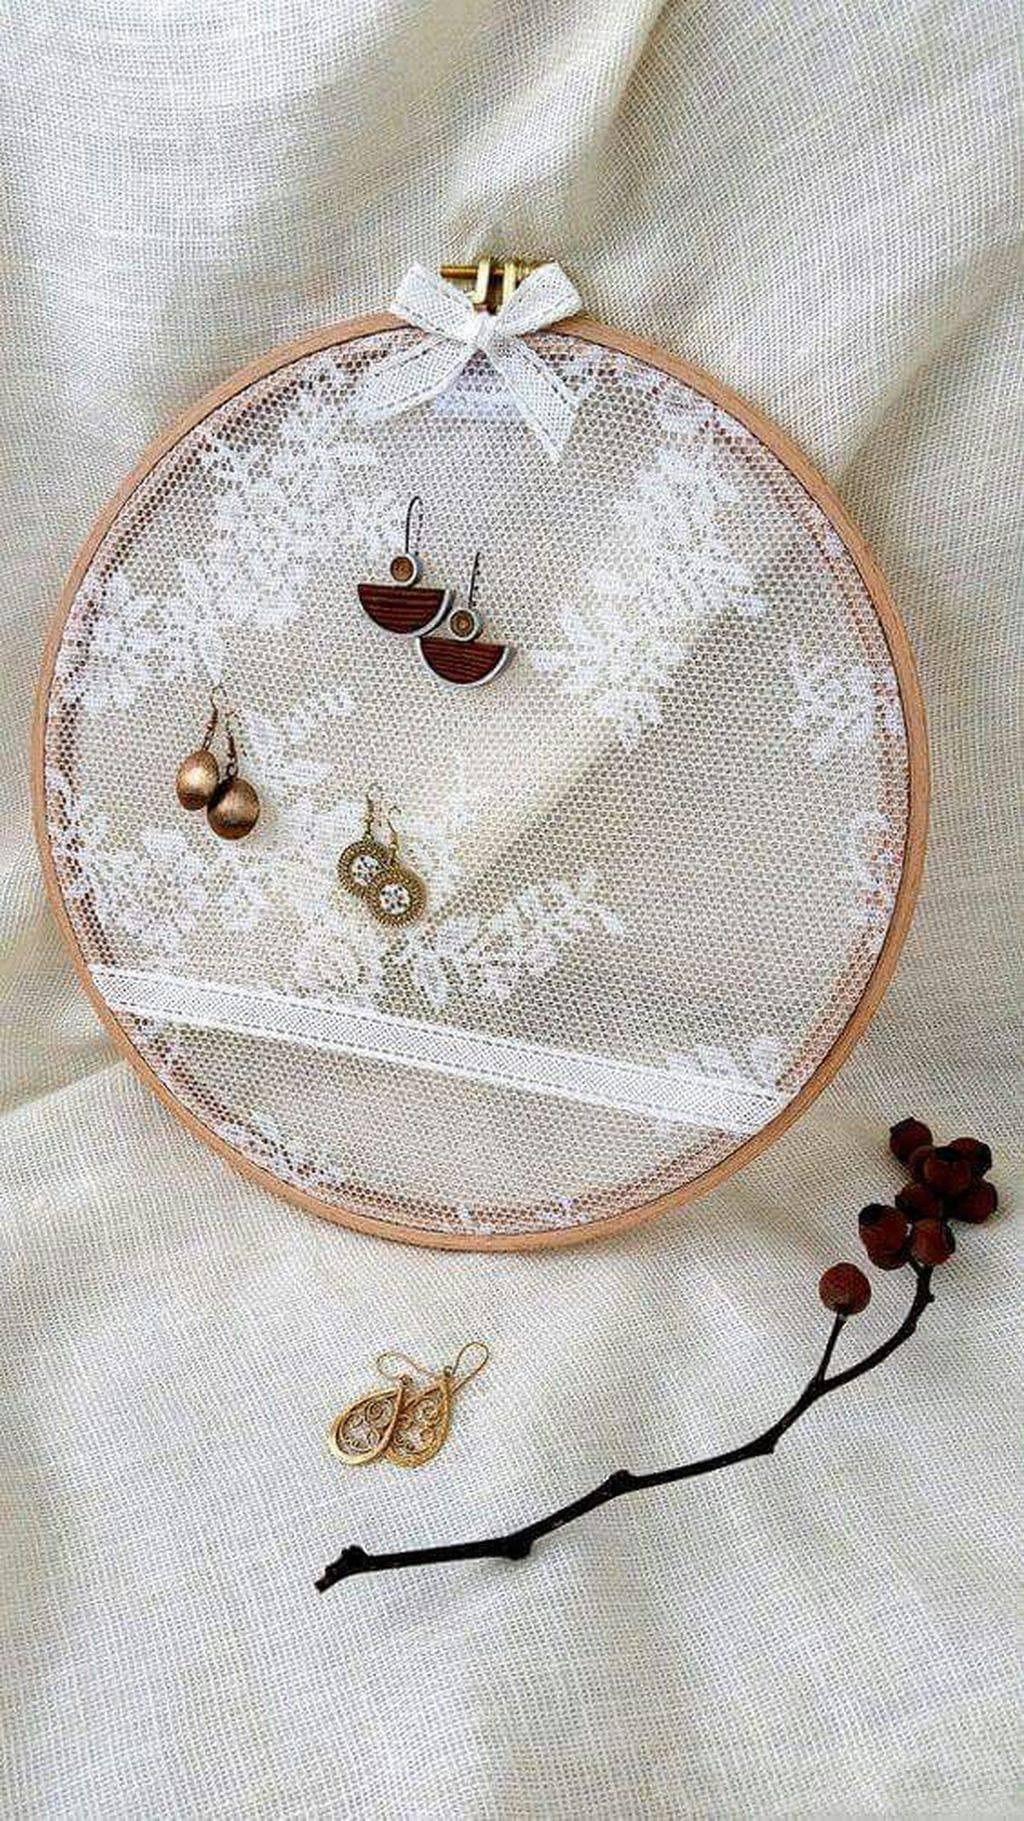 ideas diy jewelry-369154500702369755